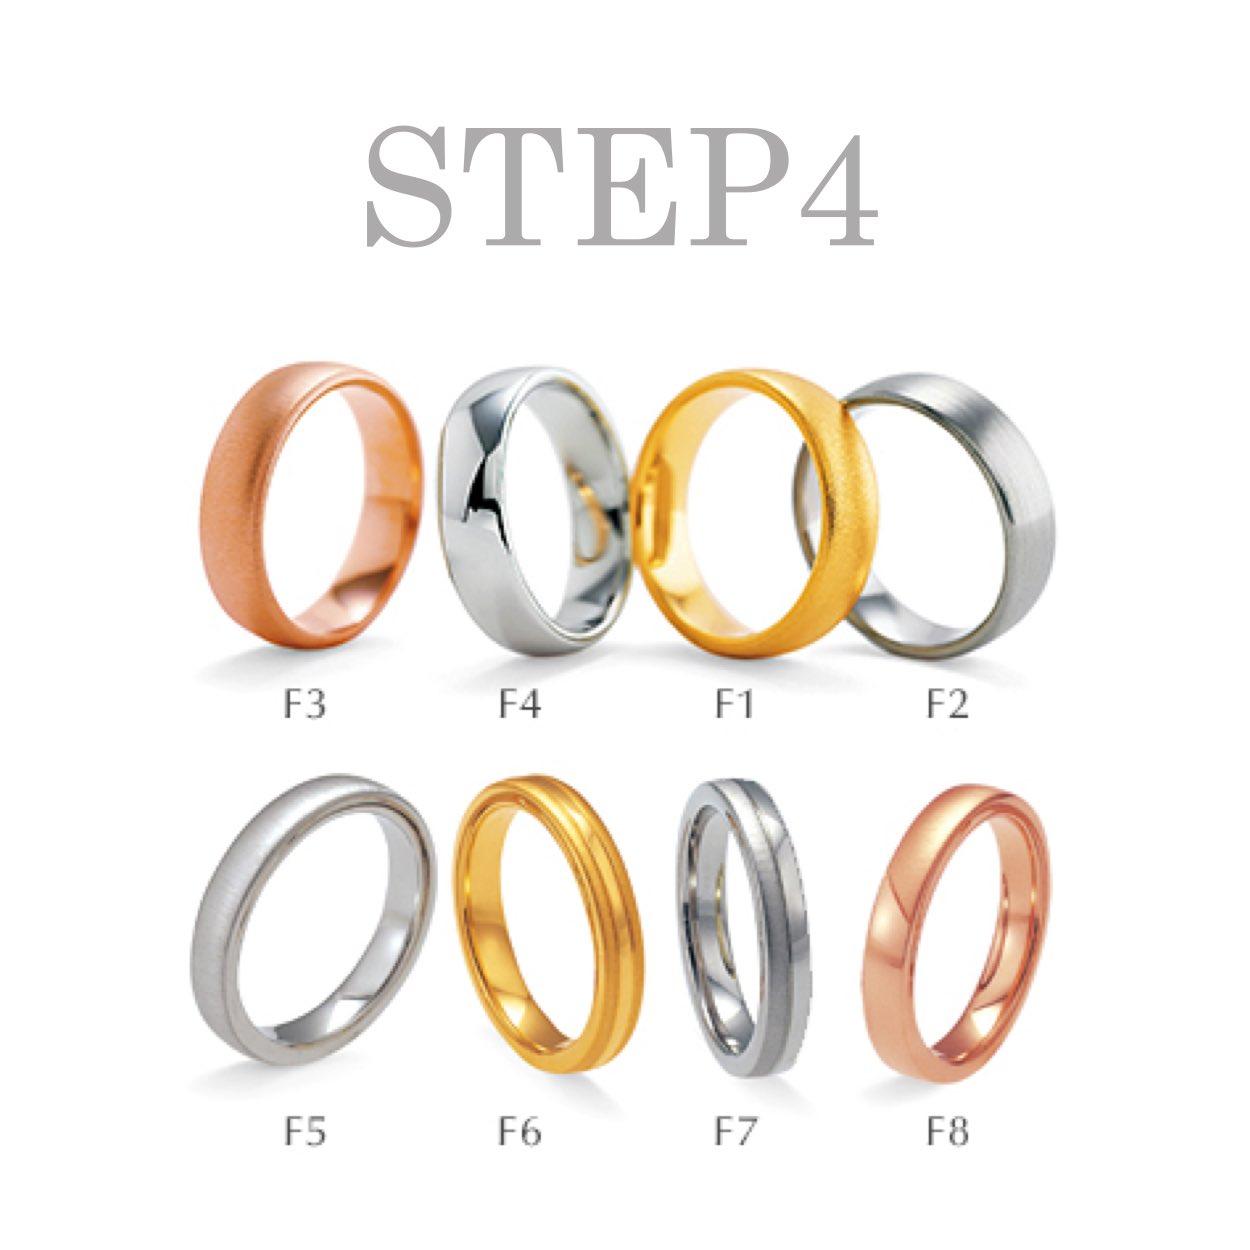 〈STEP4〉FINISHING